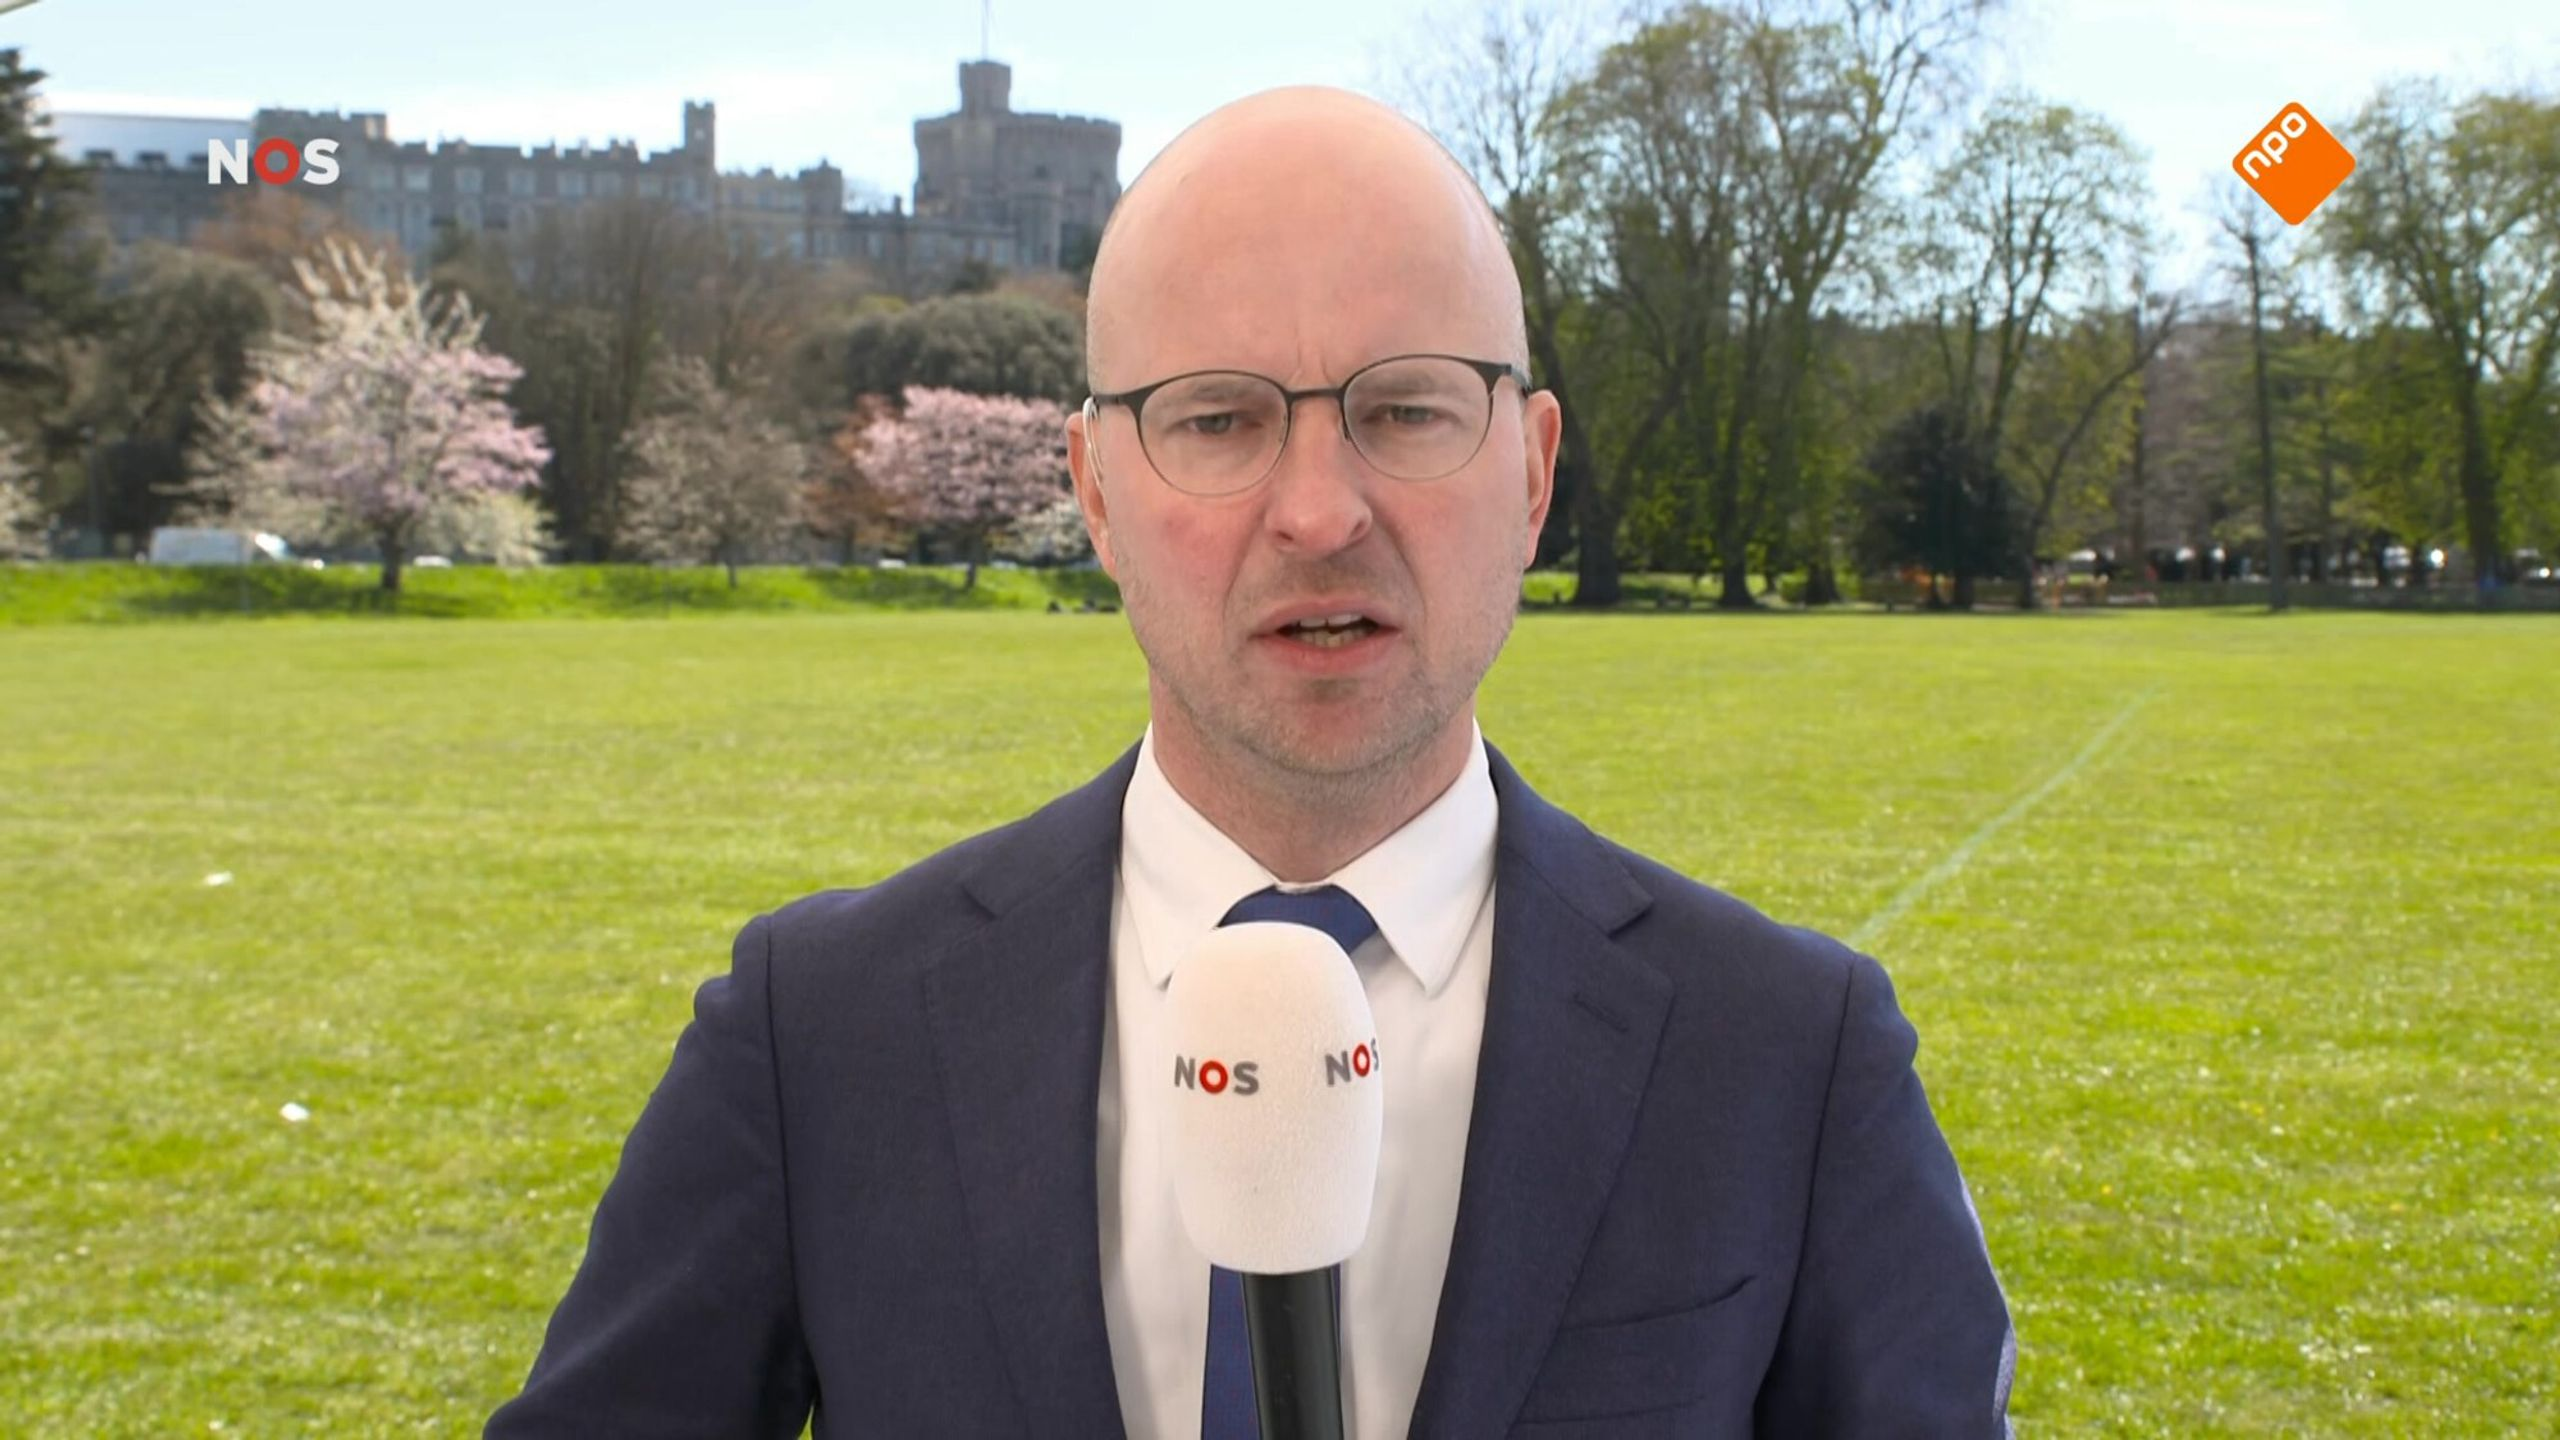 Klik hier om NOS Journaal Uitvaart prins Philip van 17 april te bekijken.